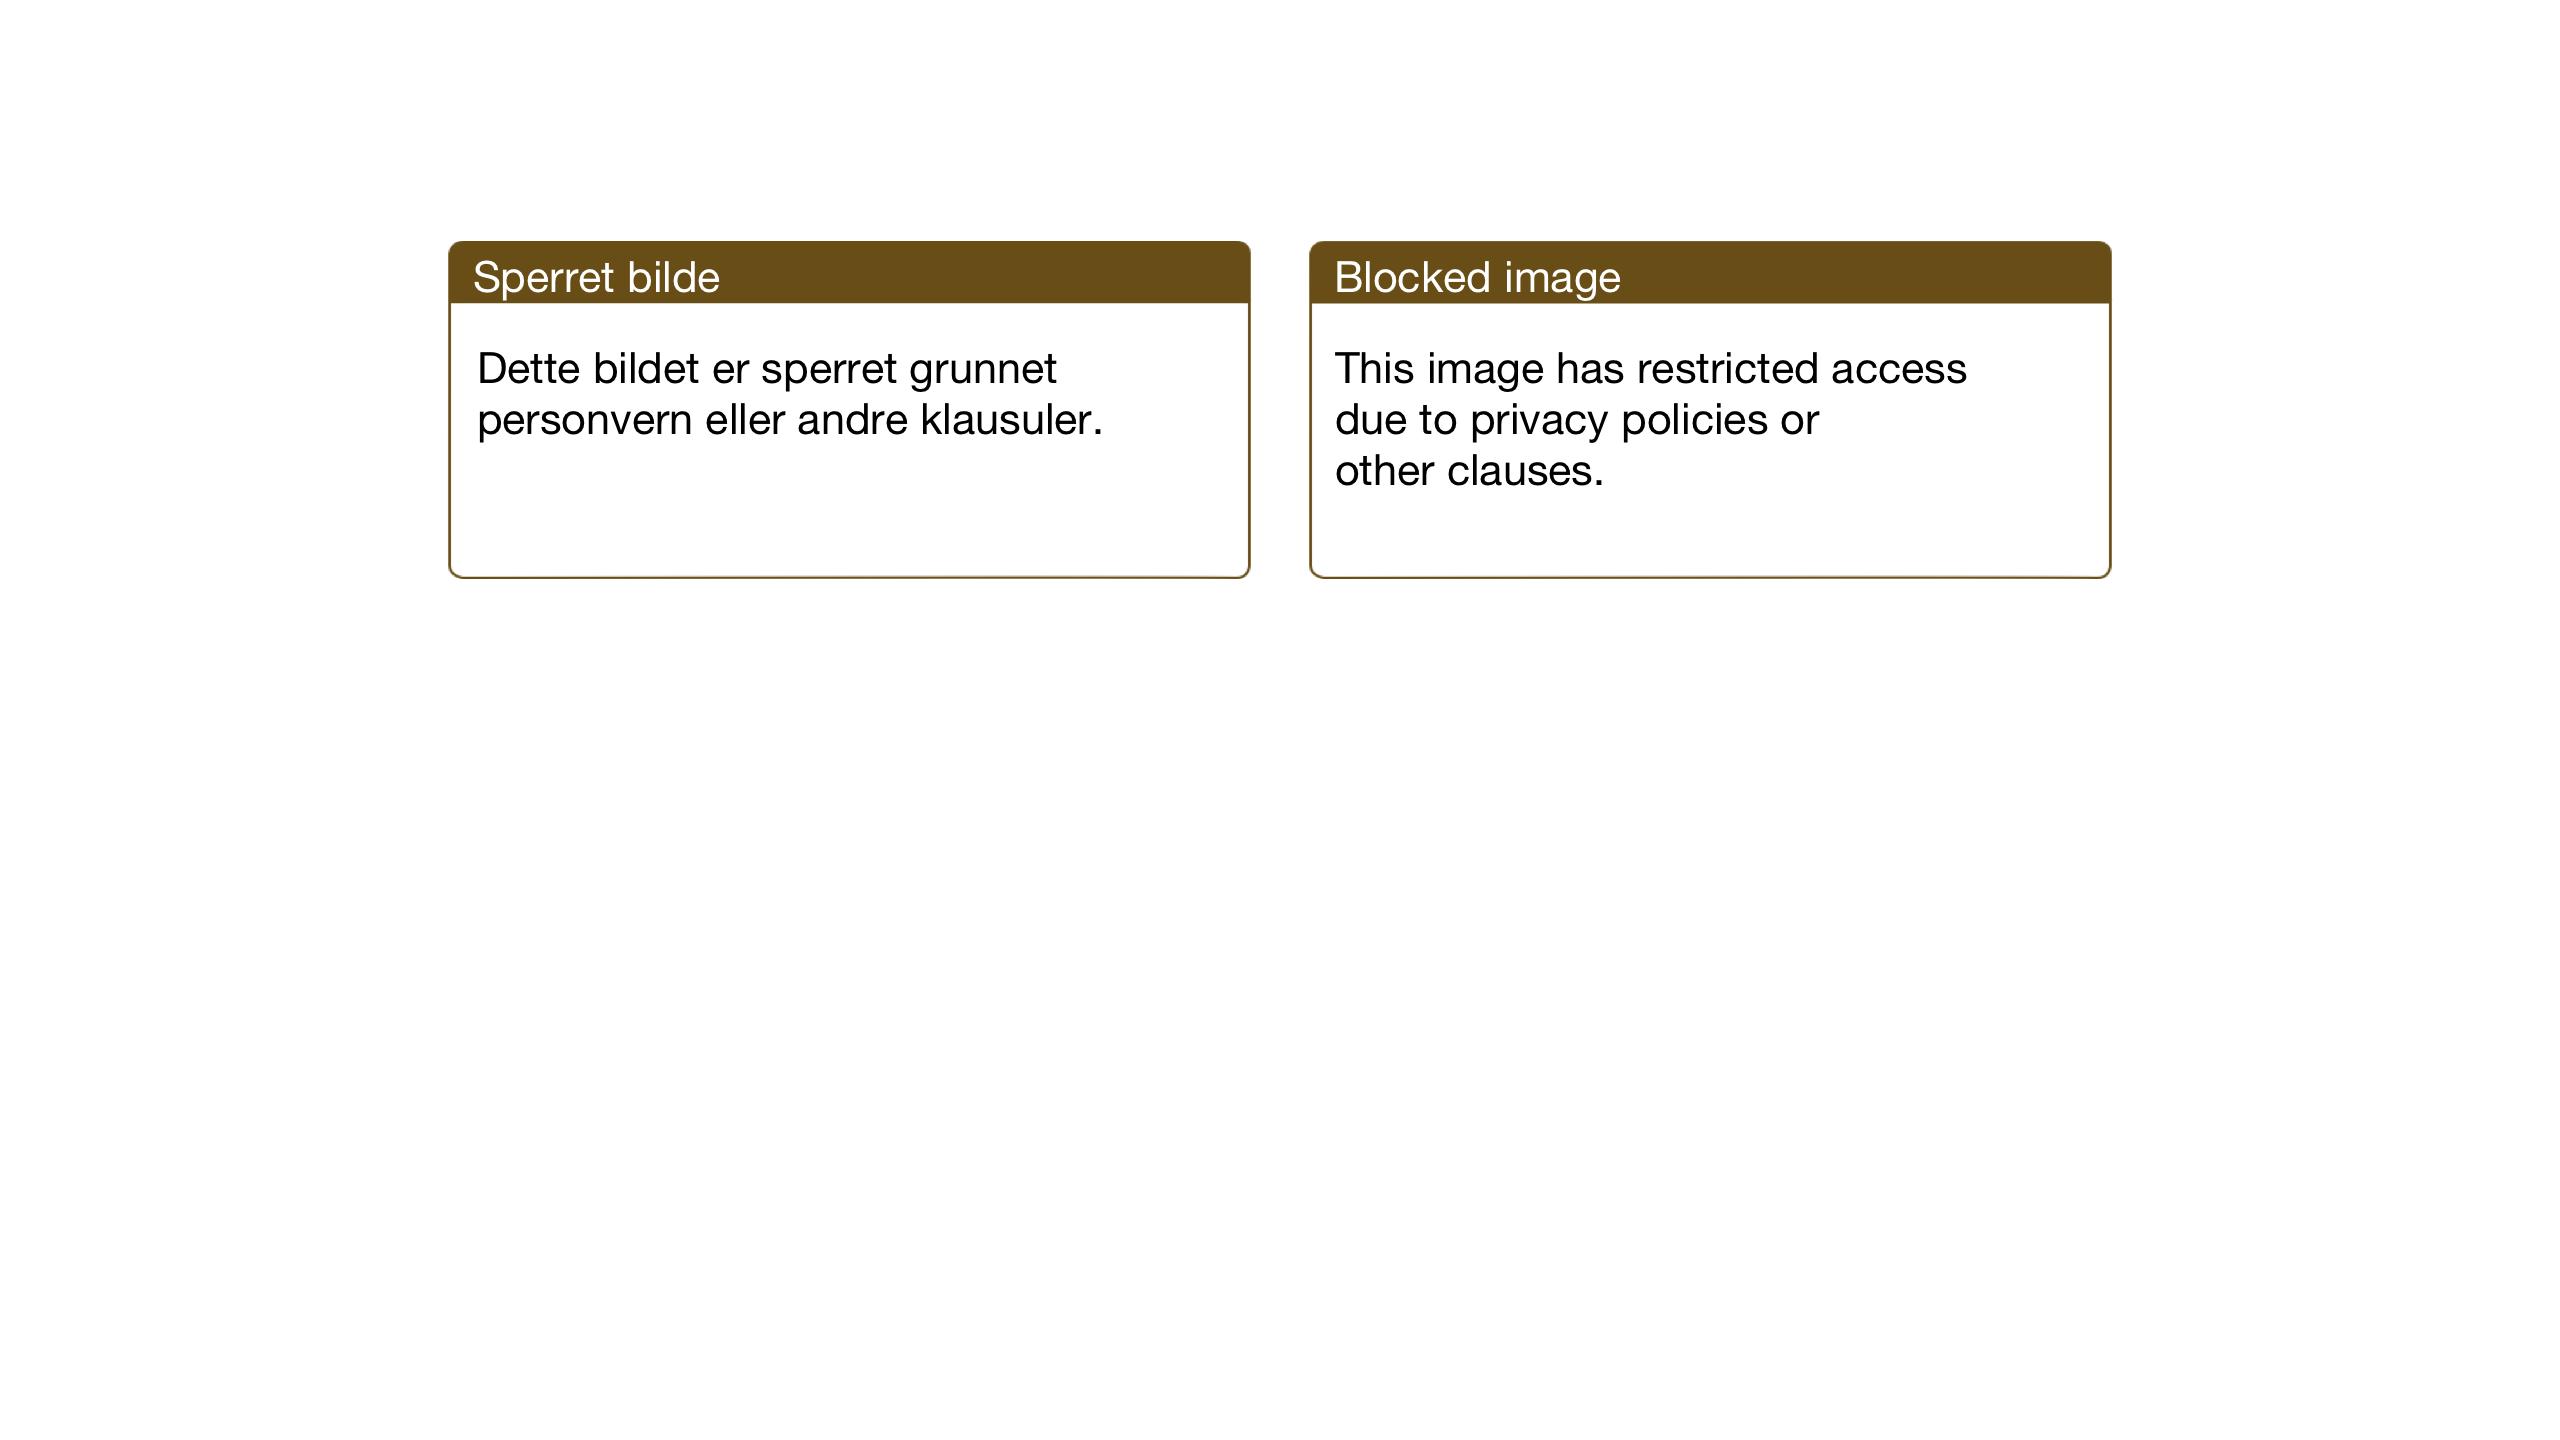 SAT, Ministerialprotokoller, klokkerbøker og fødselsregistre - Sør-Trøndelag, 638/L0569: Klokkerbok nr. 638C01, 1923-1961, s. 29